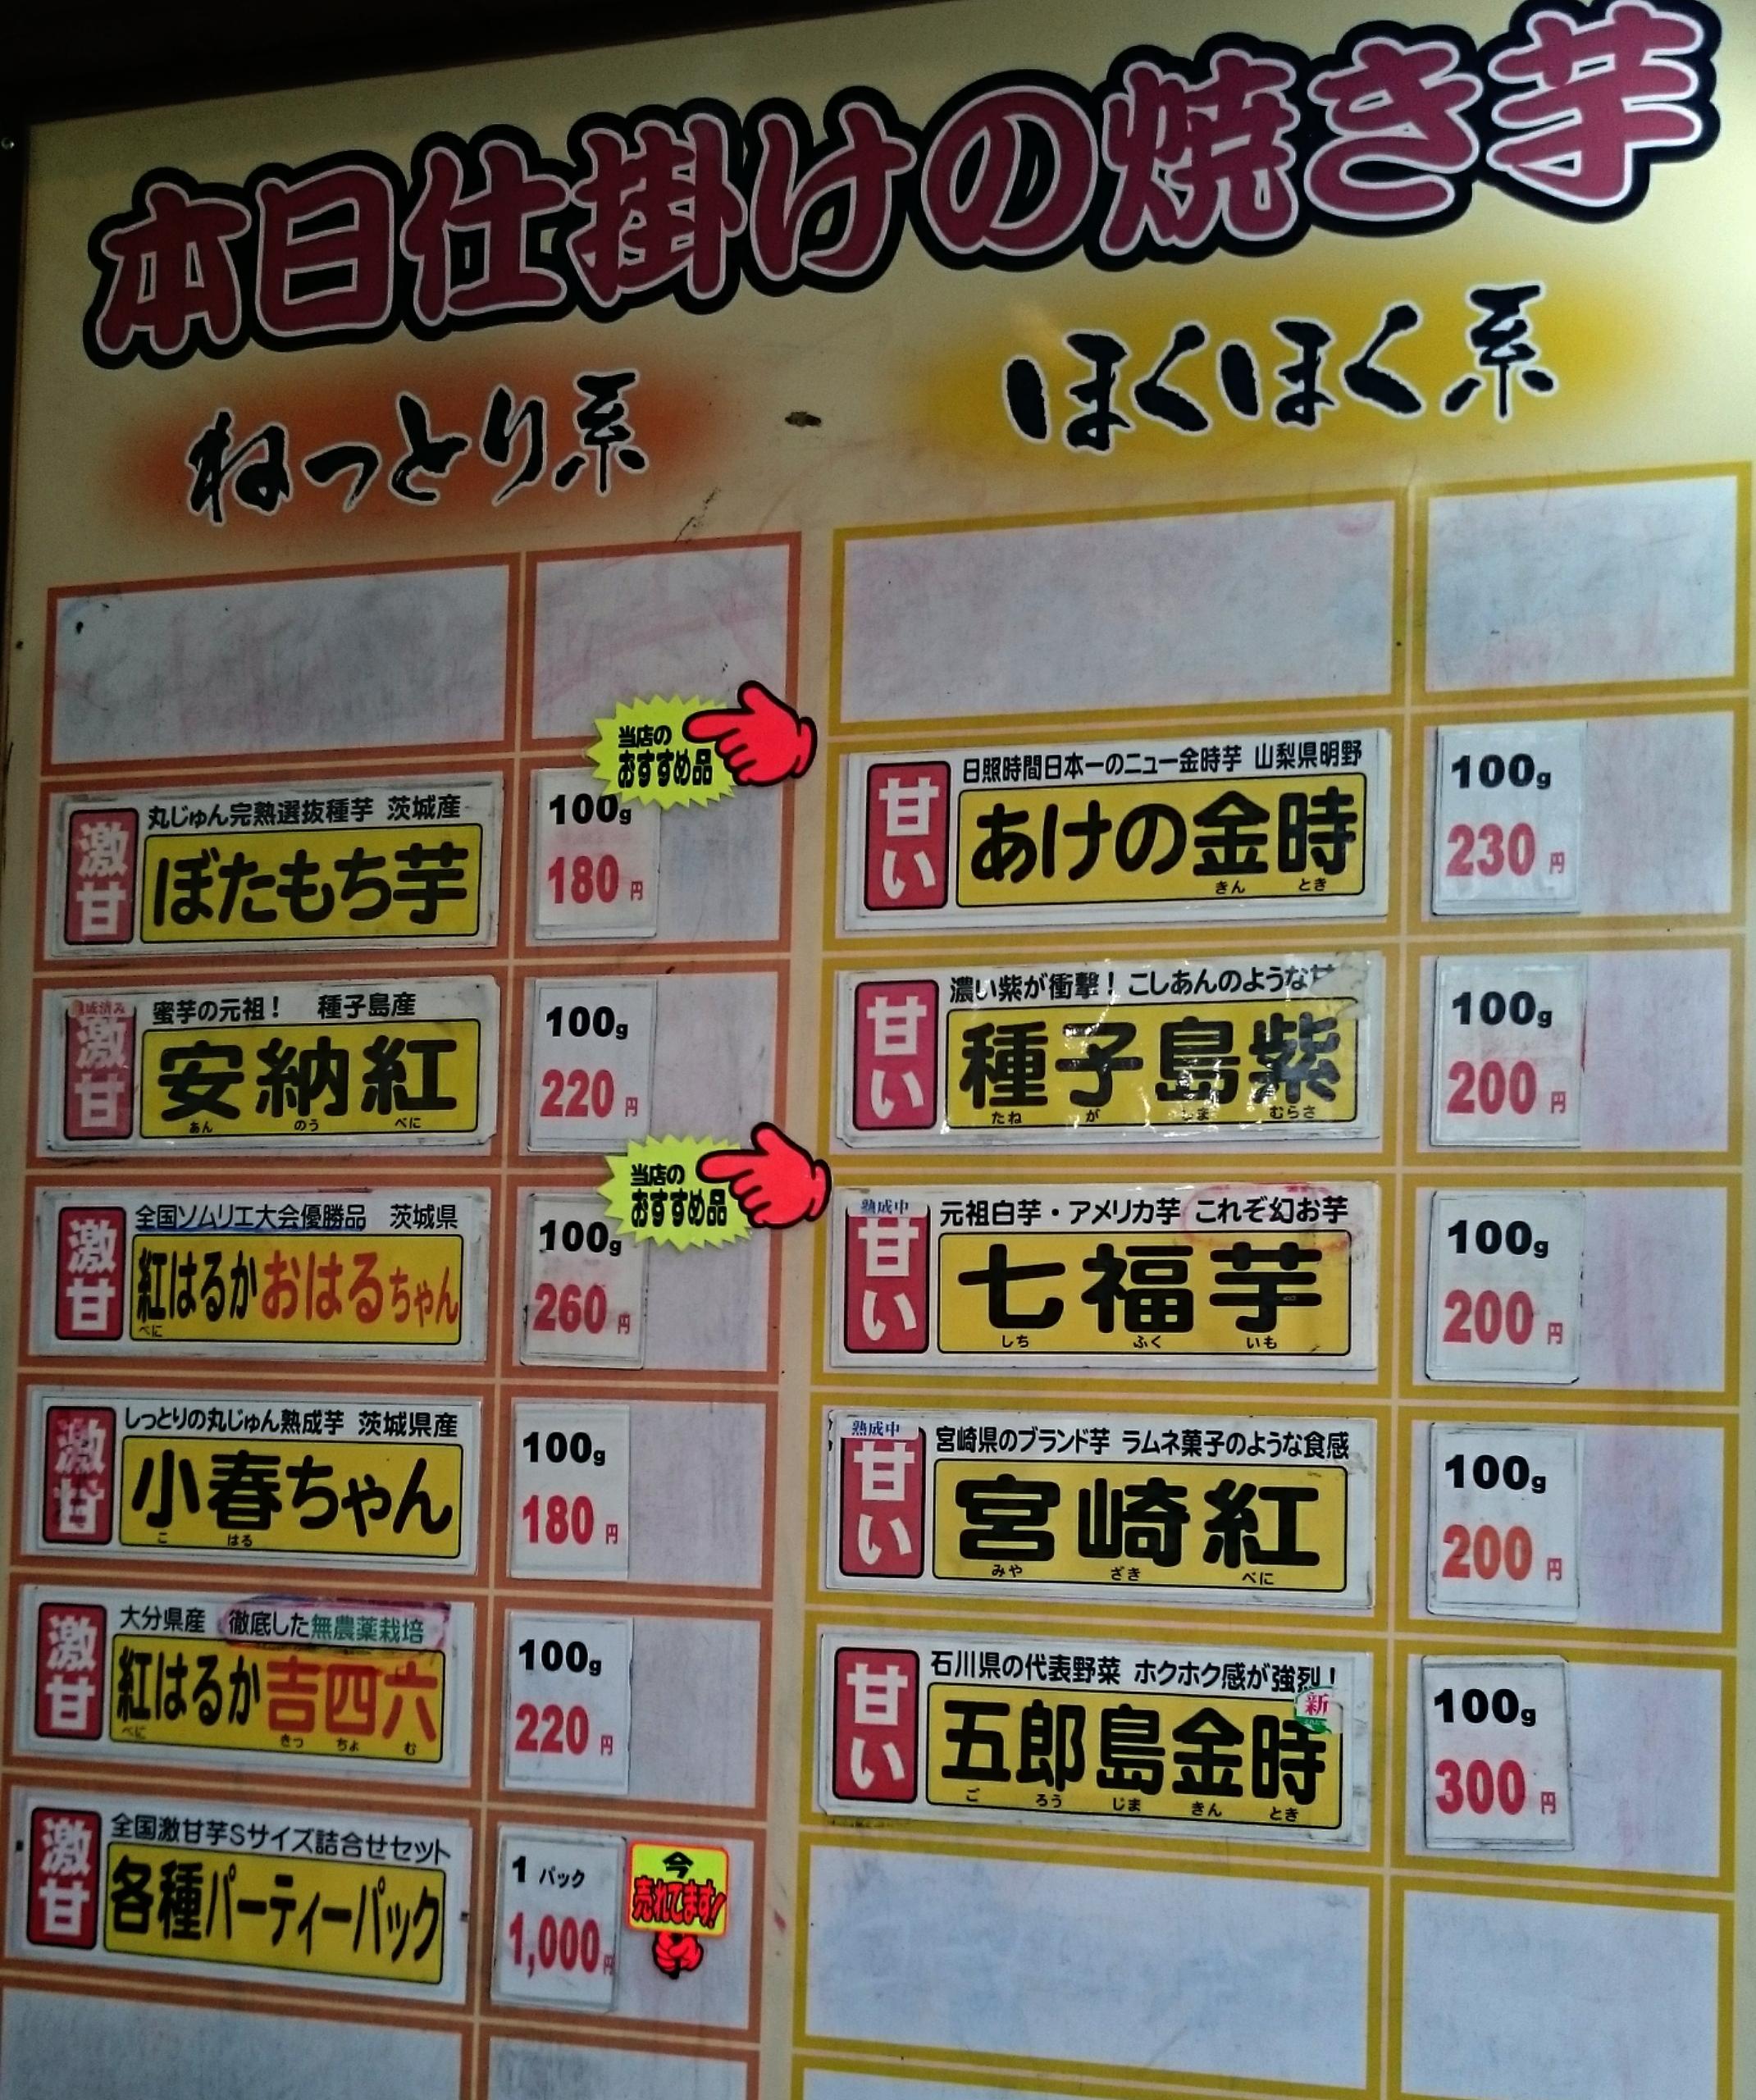 ホクホクorねっとり【焼き芋専門店】に行ってきました